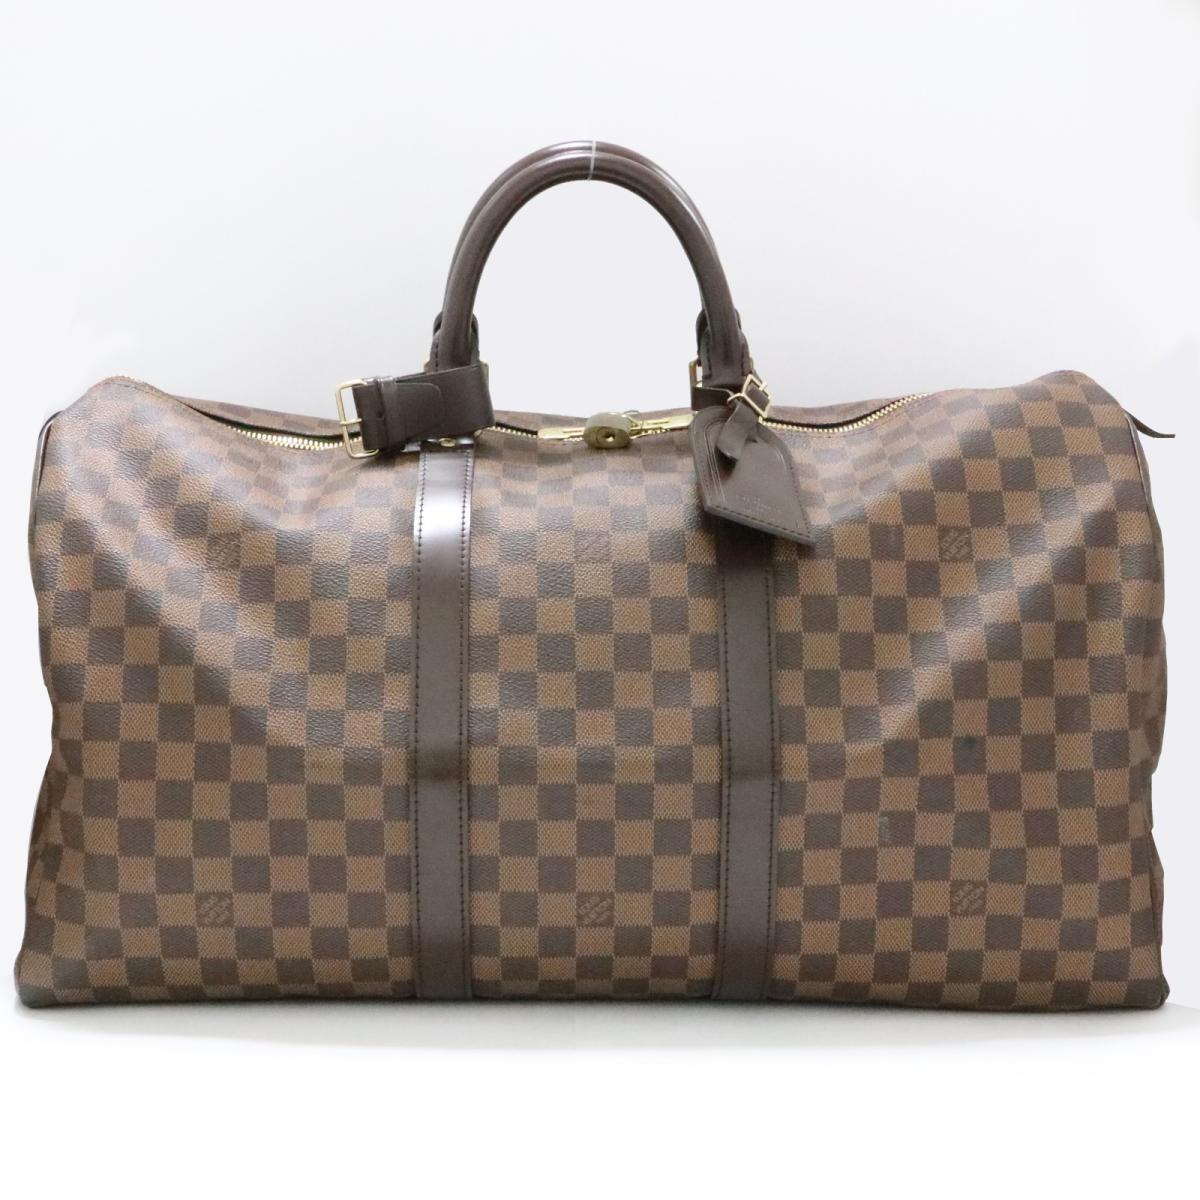 【中古】ルイヴィトン キーポル50 ボストンバッグ バッグ ユニセックス ダミエ ダミエ (N41427)